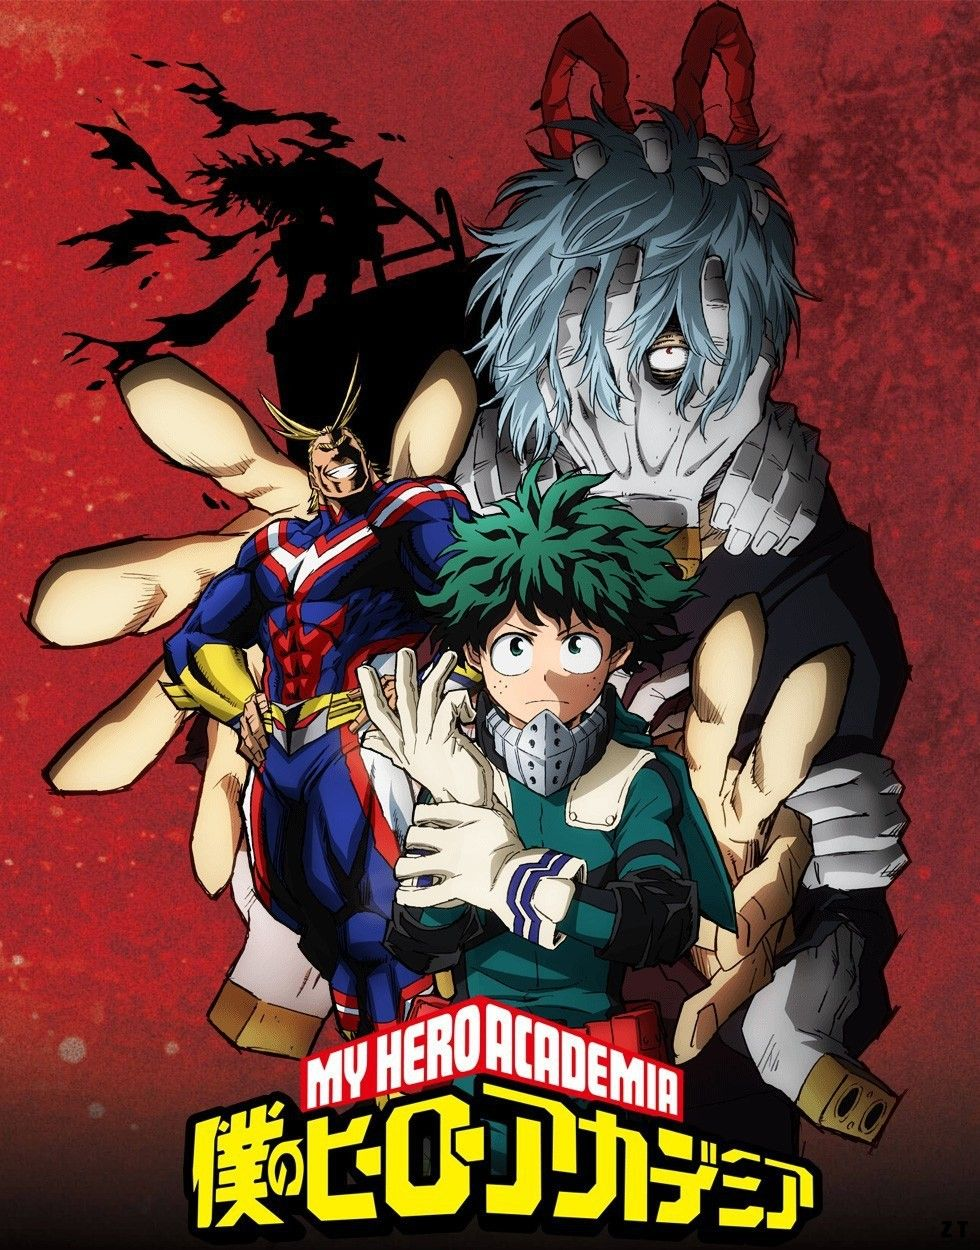 My Hero Academia 02 Vostfr : academia, vostfr, Academia, Saison, VOSTFR, Episode, Academia,, Heroes,, Anime